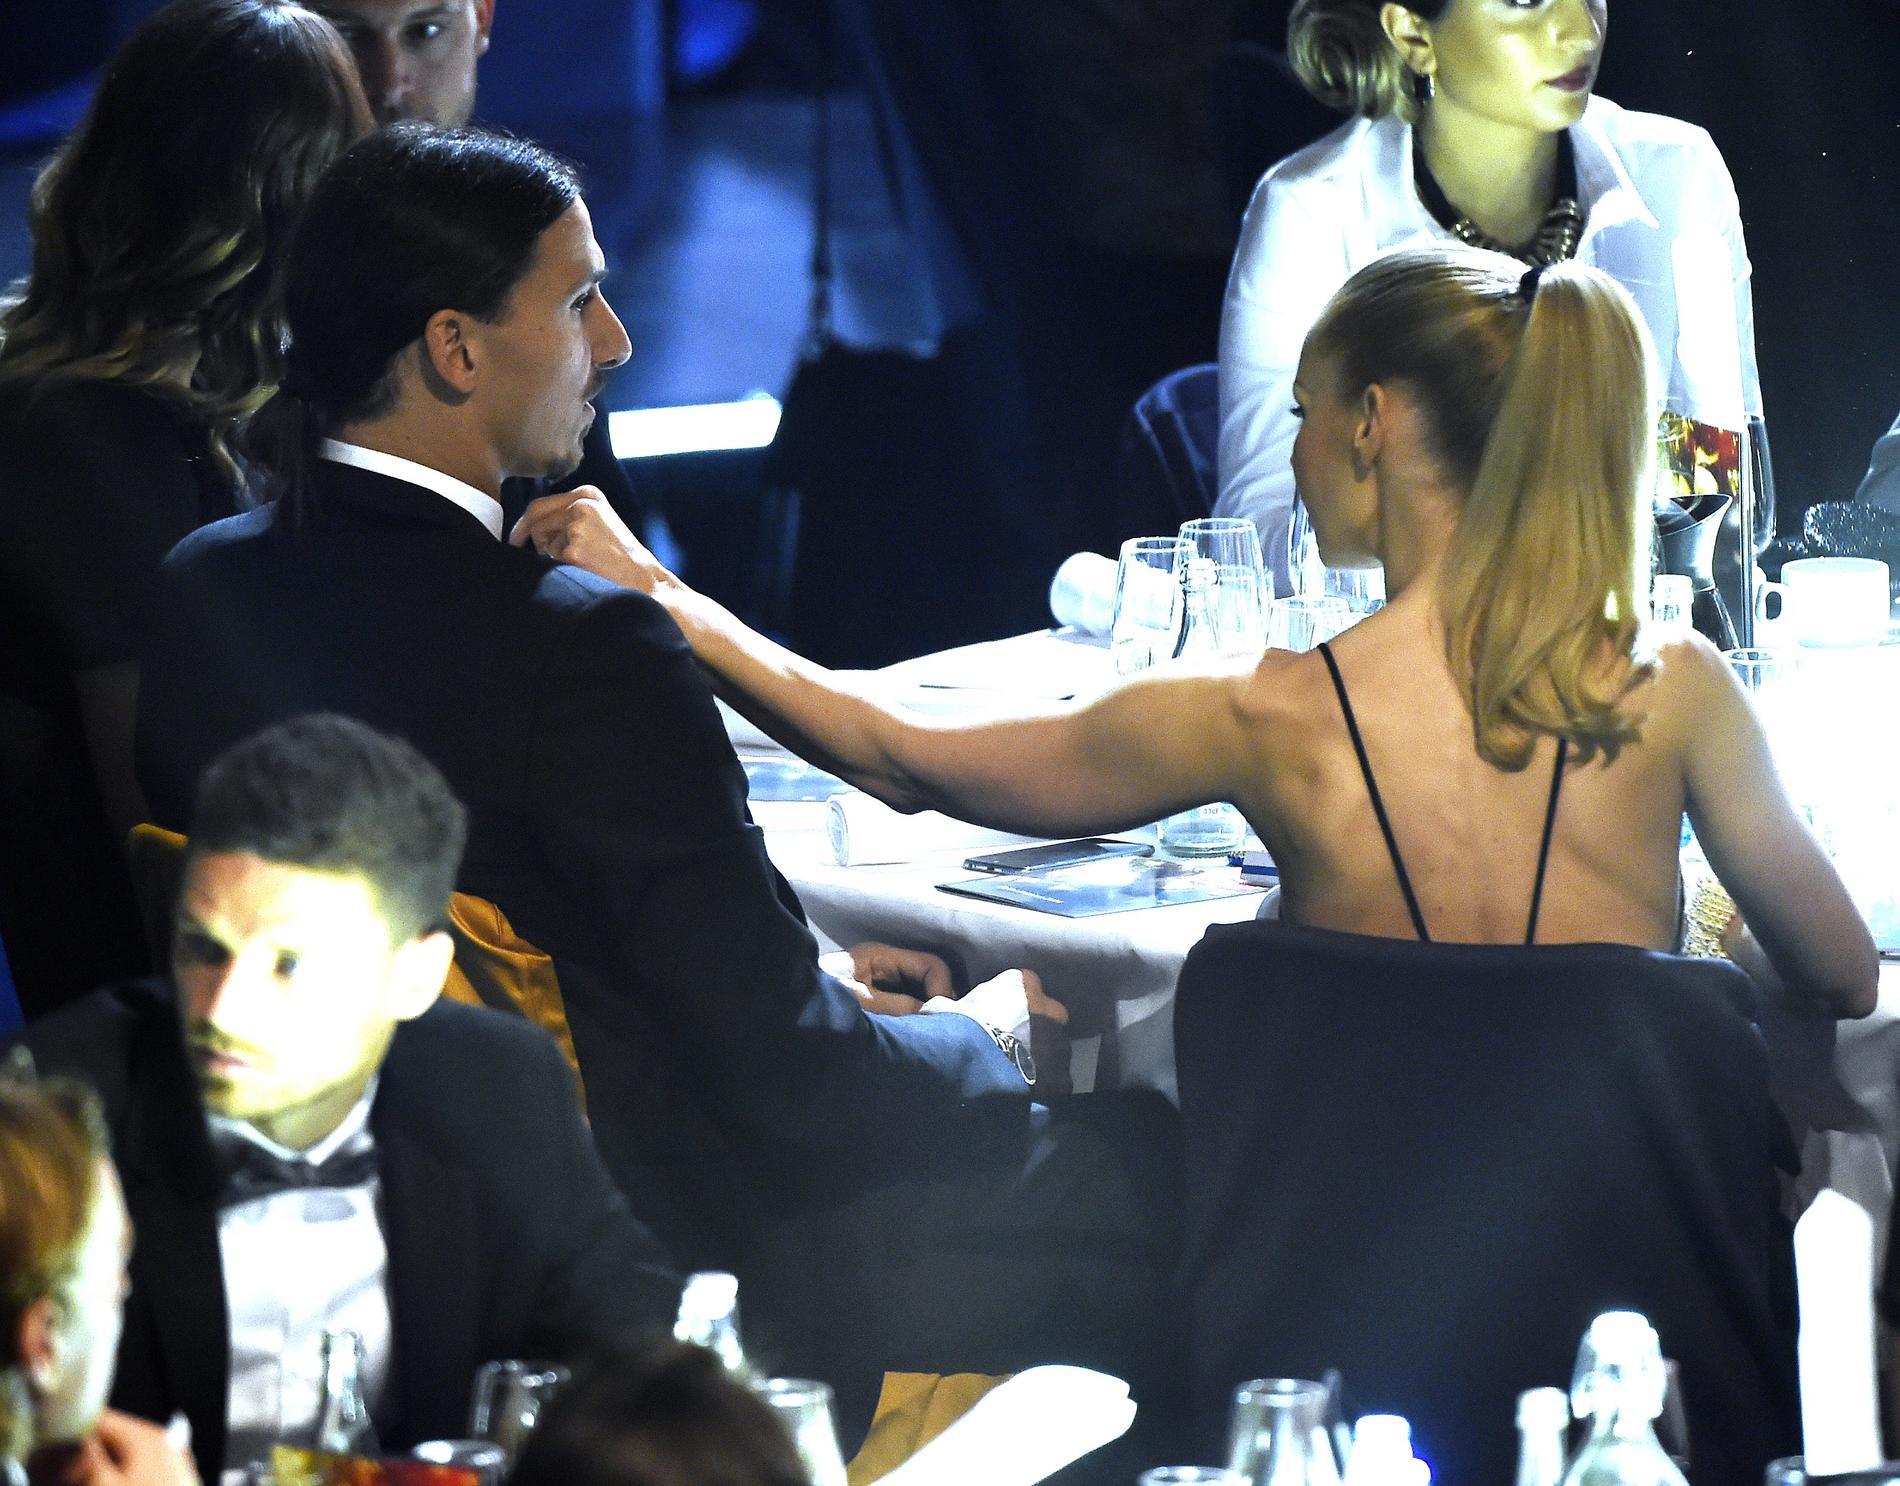 Vie privée : 5 révélations sur la relation entre Zlatan Ibrahimović et sa femme   90min